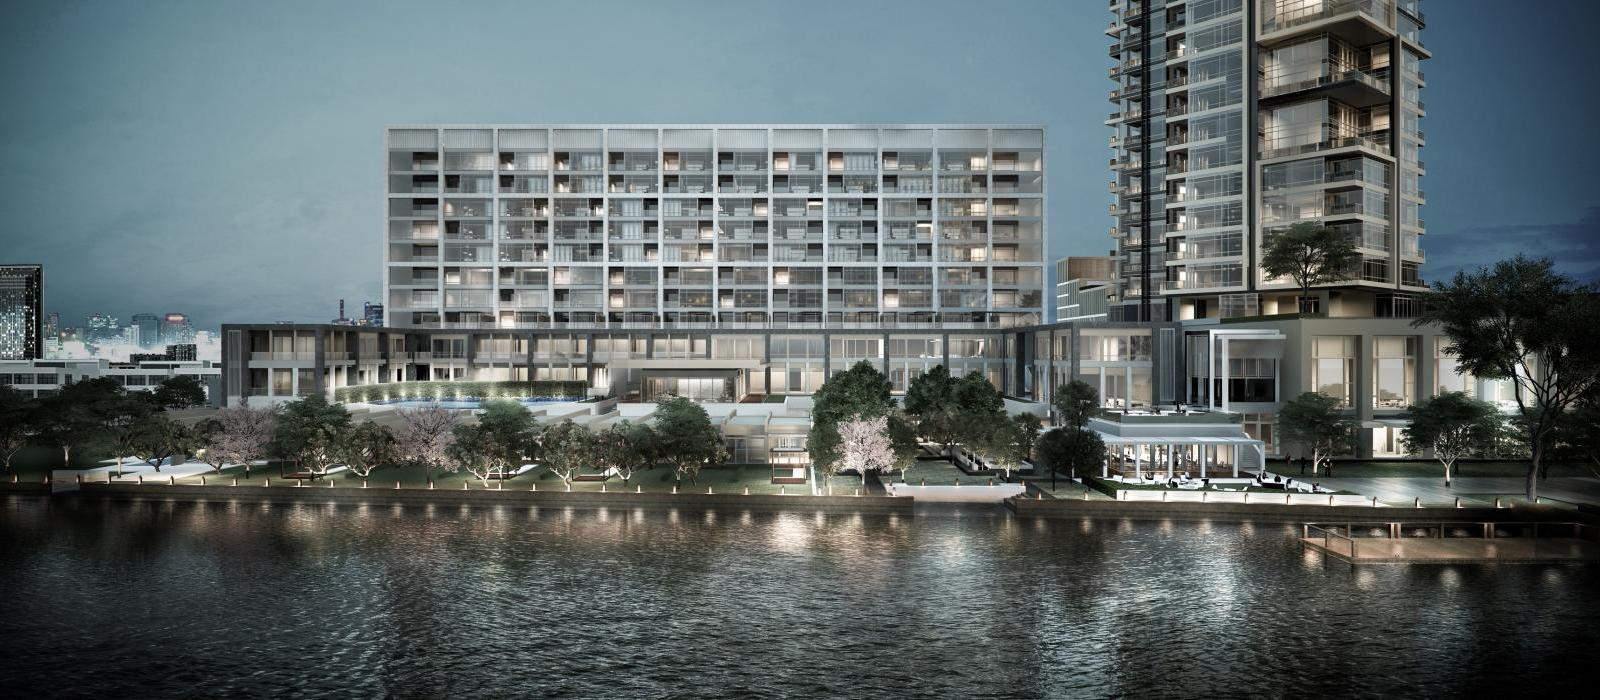 曼谷嘉佩乐酒店(Capella Bangkok)【 曼谷,泰国】 酒店  www.lhw.cn